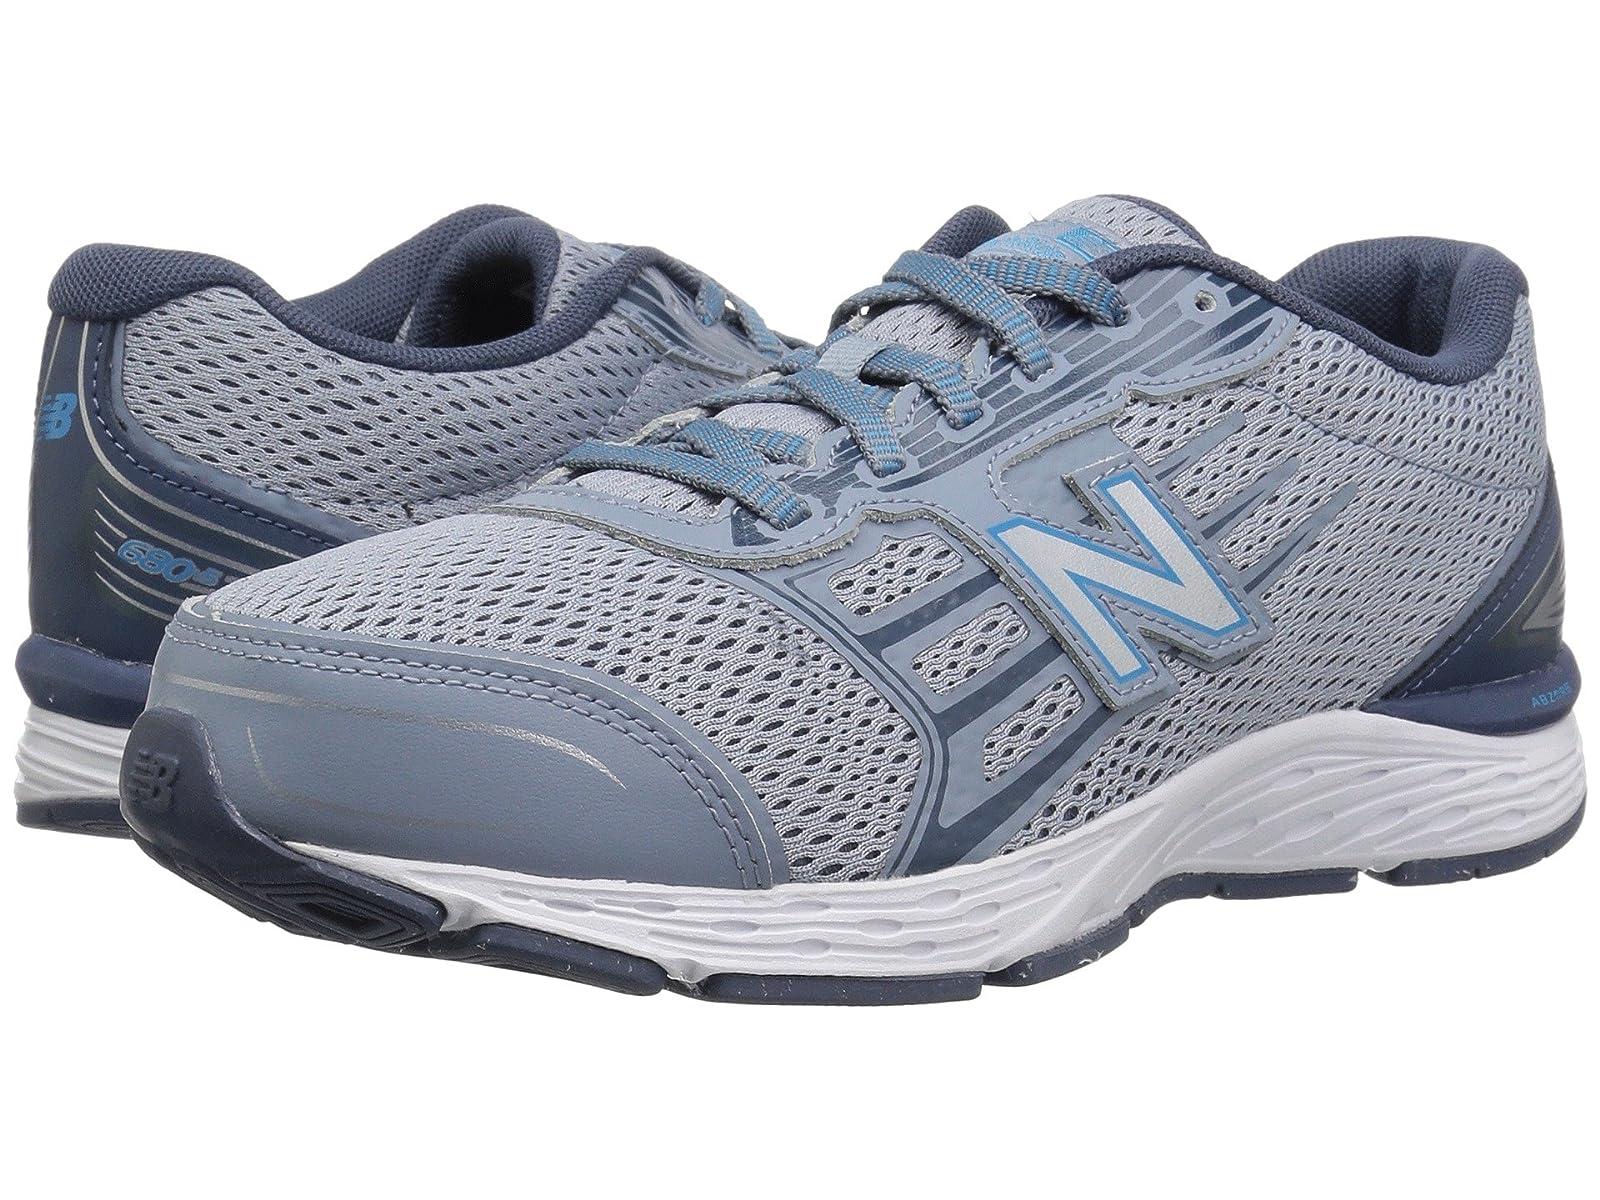 New Balance Kids KR680v5Y (Little Kid/Big Kid)Atmospheric grades have affordable shoes